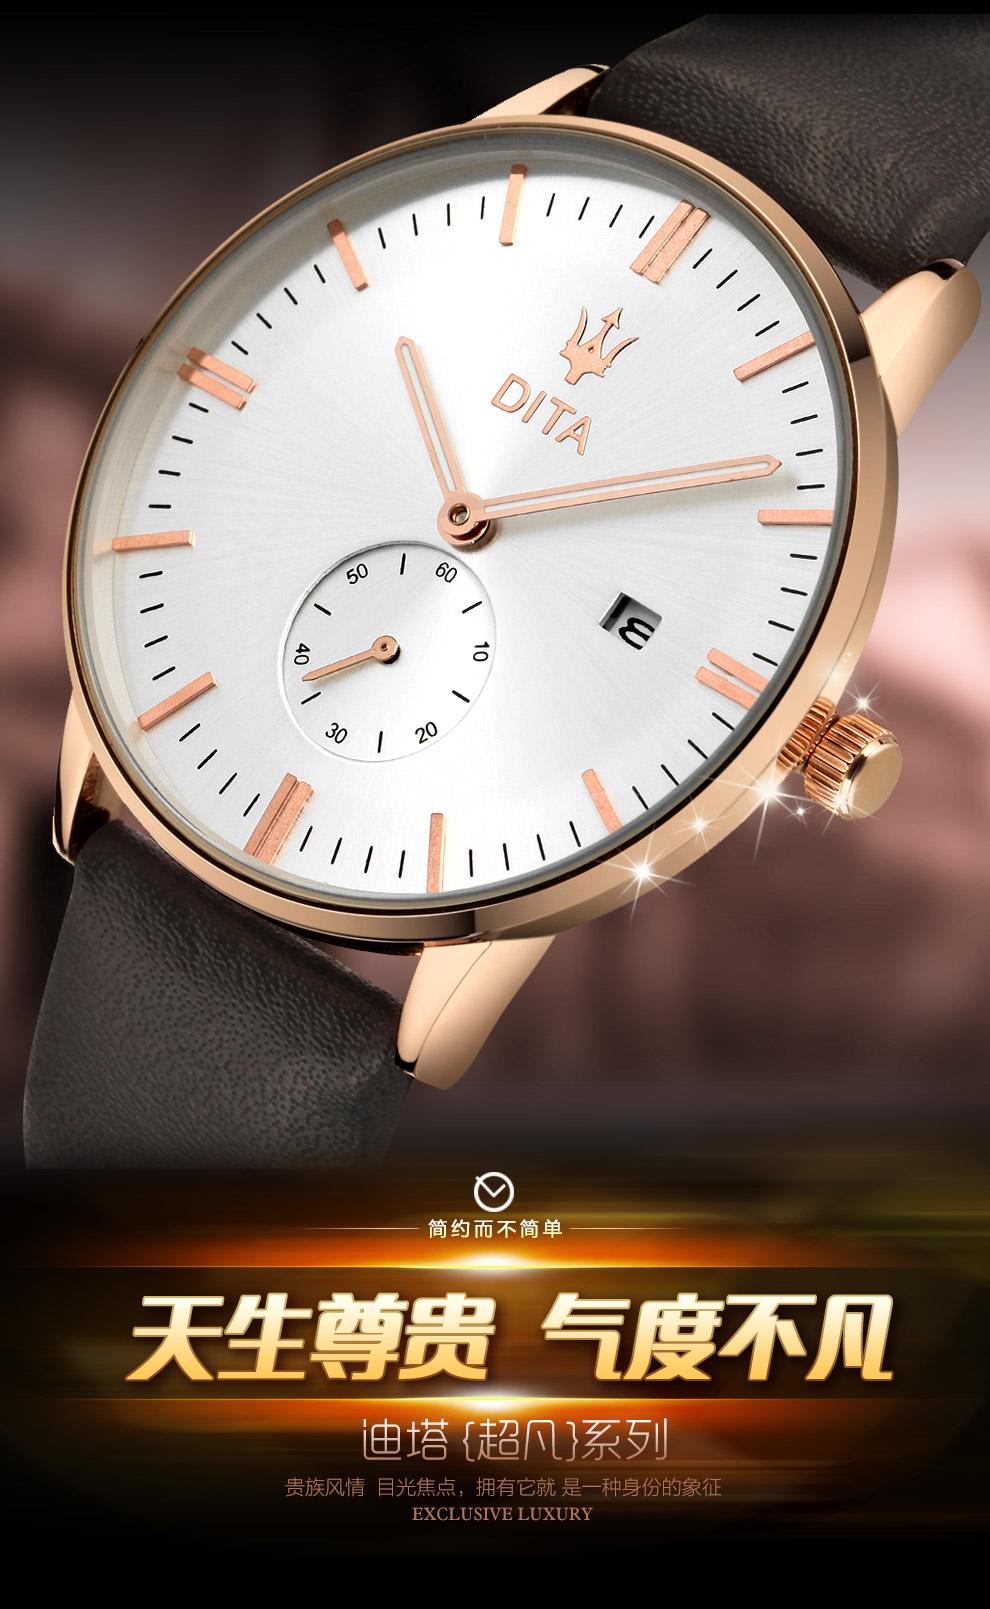 手表dita是什么牌子